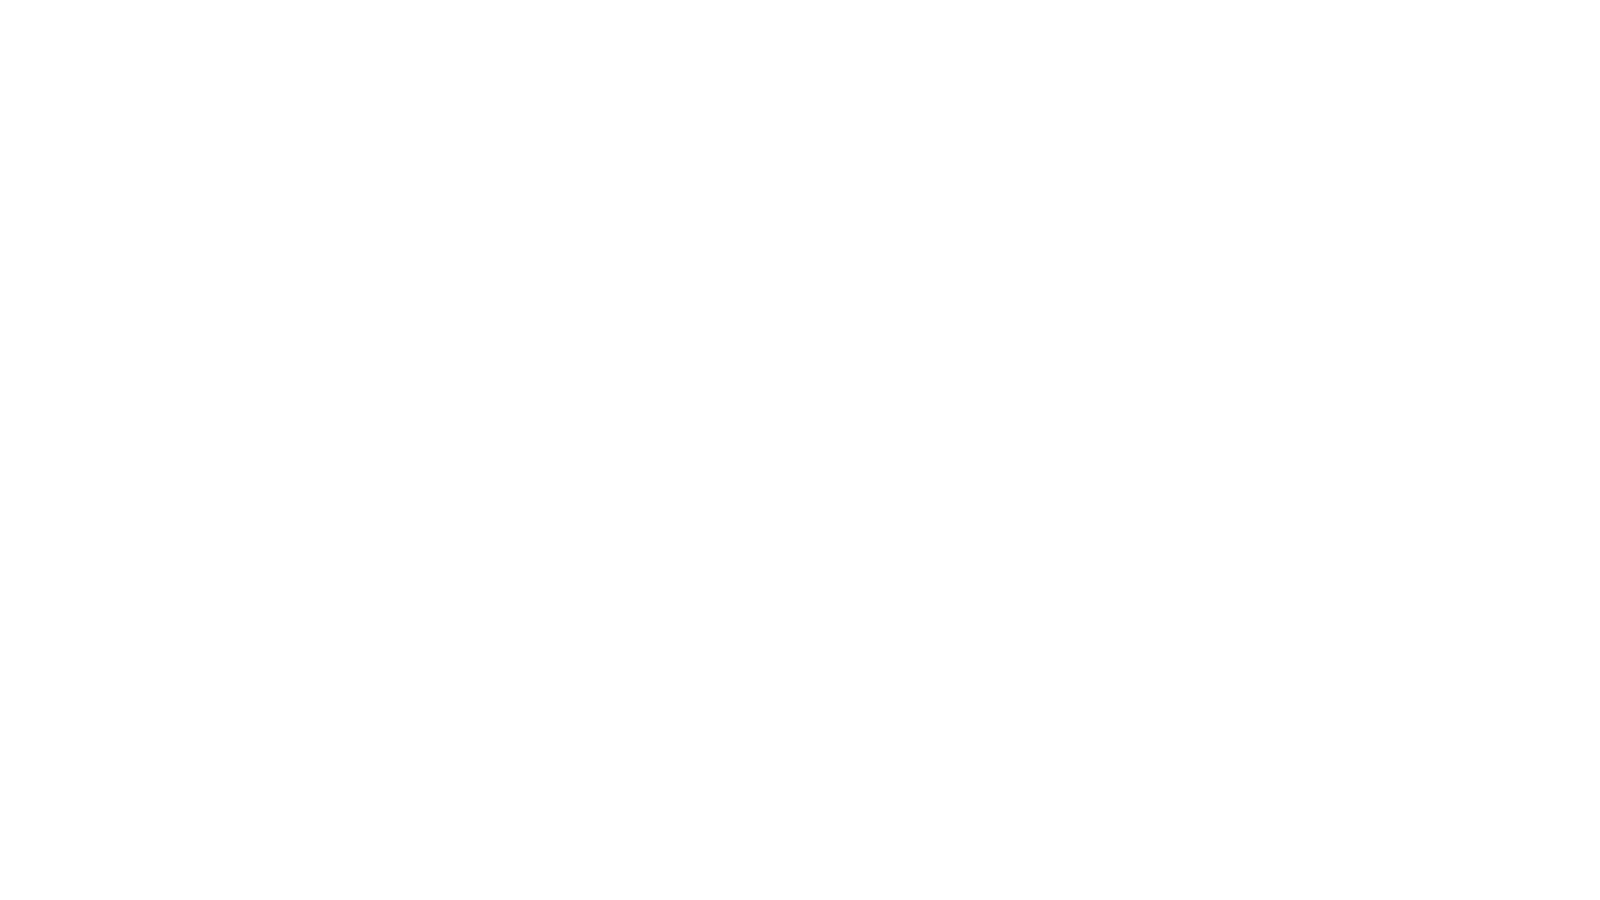 In der April-Ausgabe des Development Updates zeigt uns Entwickler Intrepid Studios einen Blick auf  Bosse, Mounts, Belagerungen, neues Art-Design und muss die Spieler leider mit einem verzögerten Alpha-Releaseplan vertrösten. Wer allerdings in den letzten Monaten hinterm Mond gelebt hat, der bekommt aber erstmal eine Turbo-Zusammenfassung von mir, was Ashes of Creation eigentlich ist.  Social Media: https://www.twitch.tv/followpawl https://www.instagram.com/followpawl https://www.twitter.com/followpawl https://discord.gg/td6hGtp TikTok: @followpawl  https://www.gaming-grounds.de